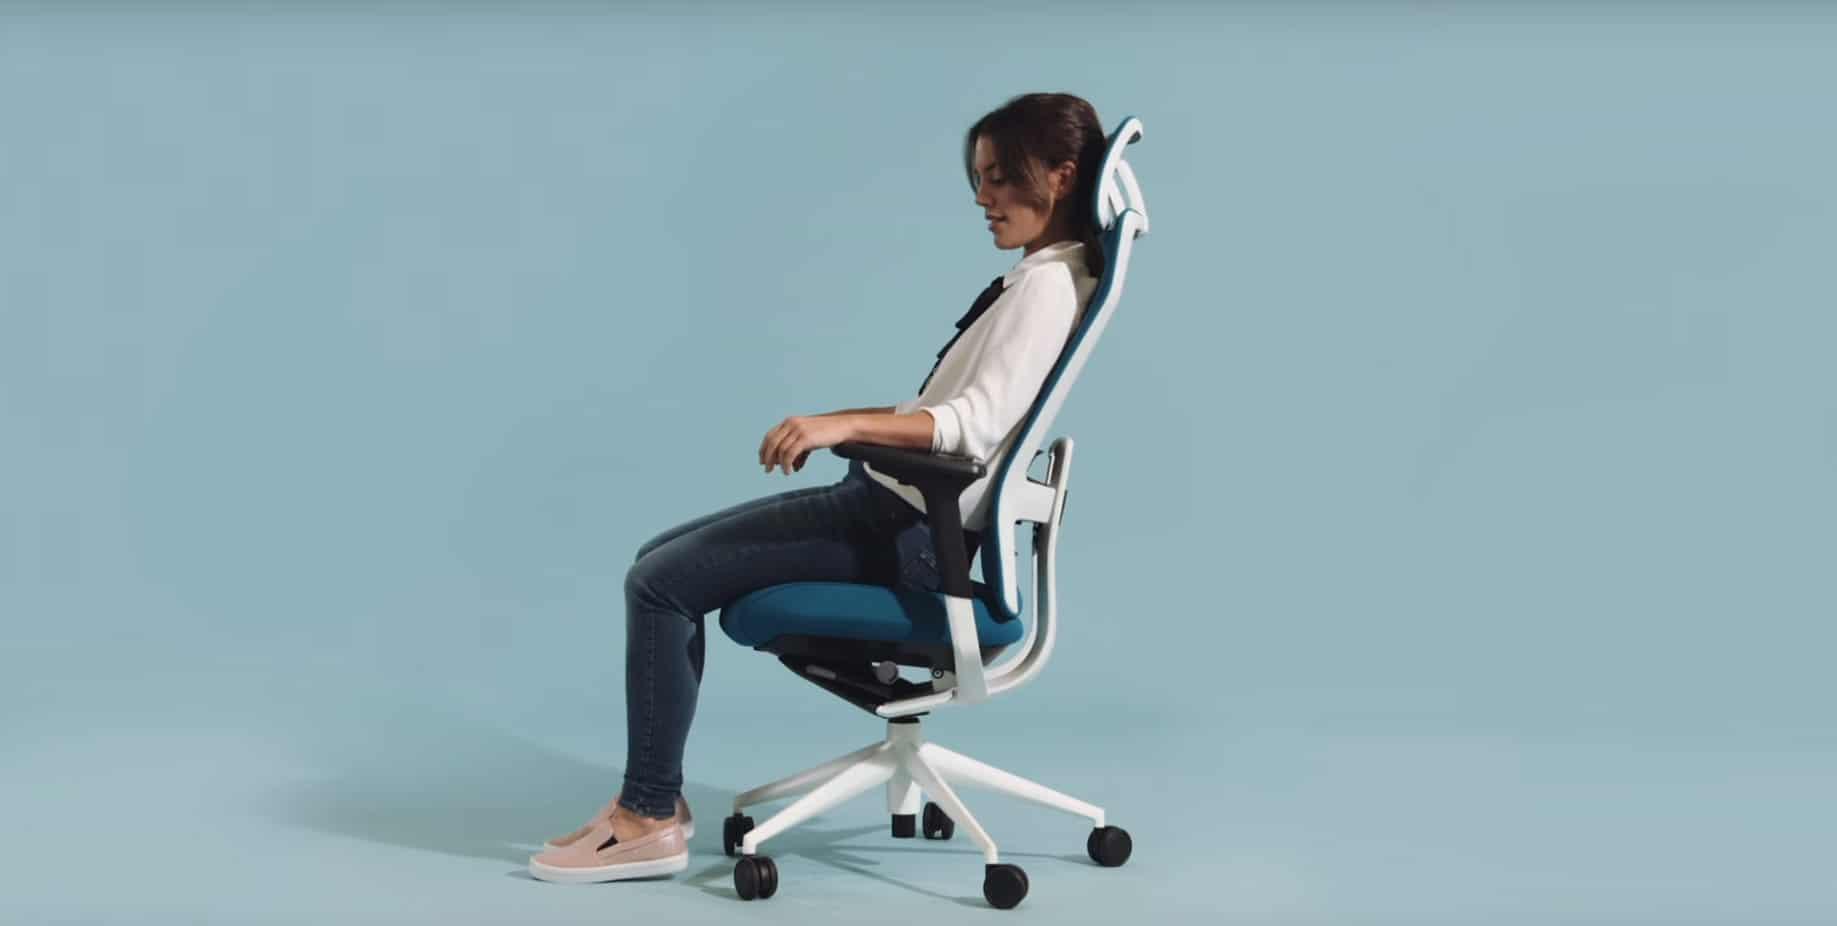 mujer sentada en una silla de oficina